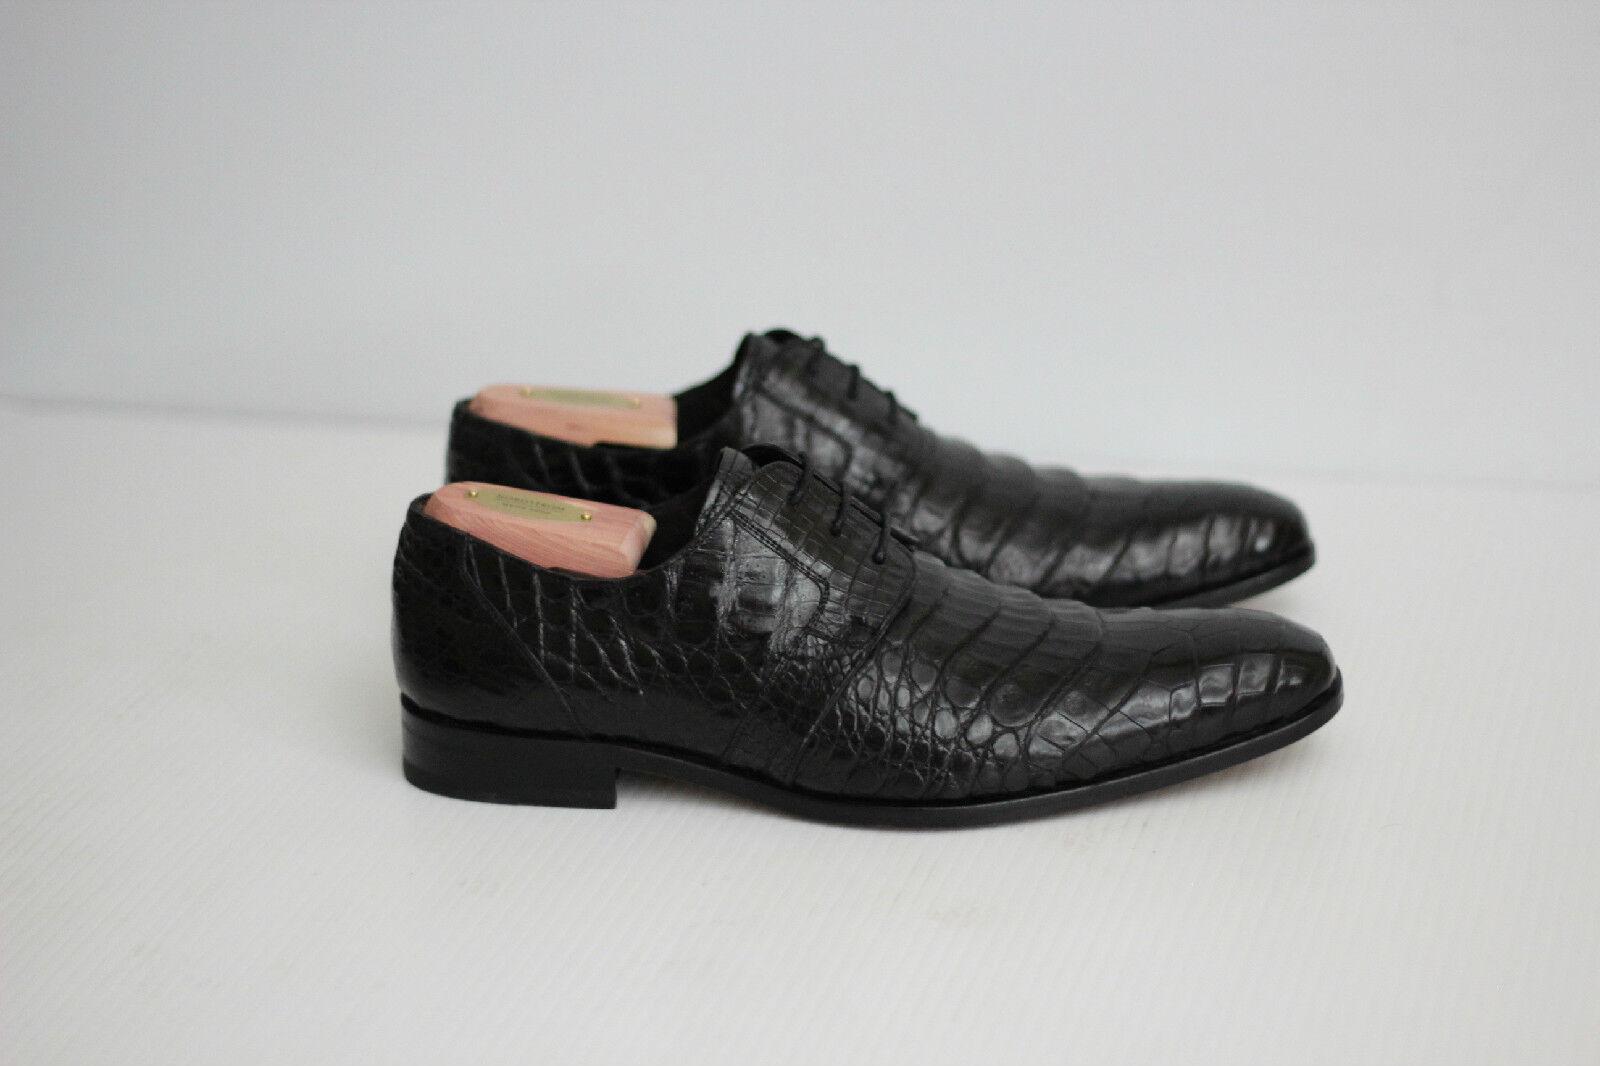 best-seller Mezlan 'Orazio' Crocodile Plain Plain Plain Toe Derby - nero - Dimensione 8.5 M (C26)  prodotti creativi